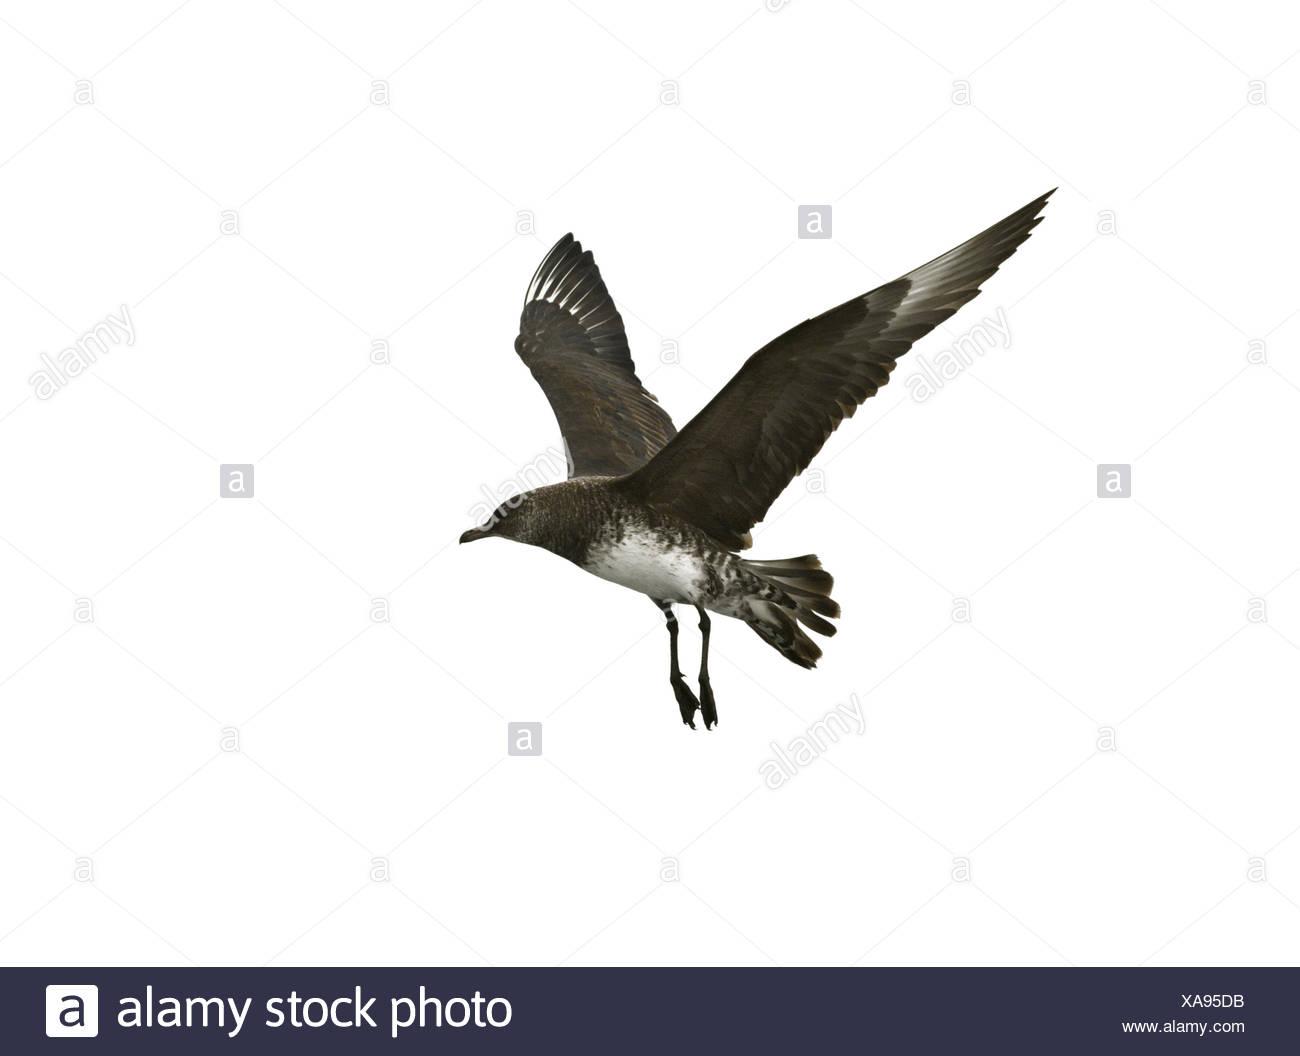 Pomarine Skua - Stercorarius pomarinus - Stock Image